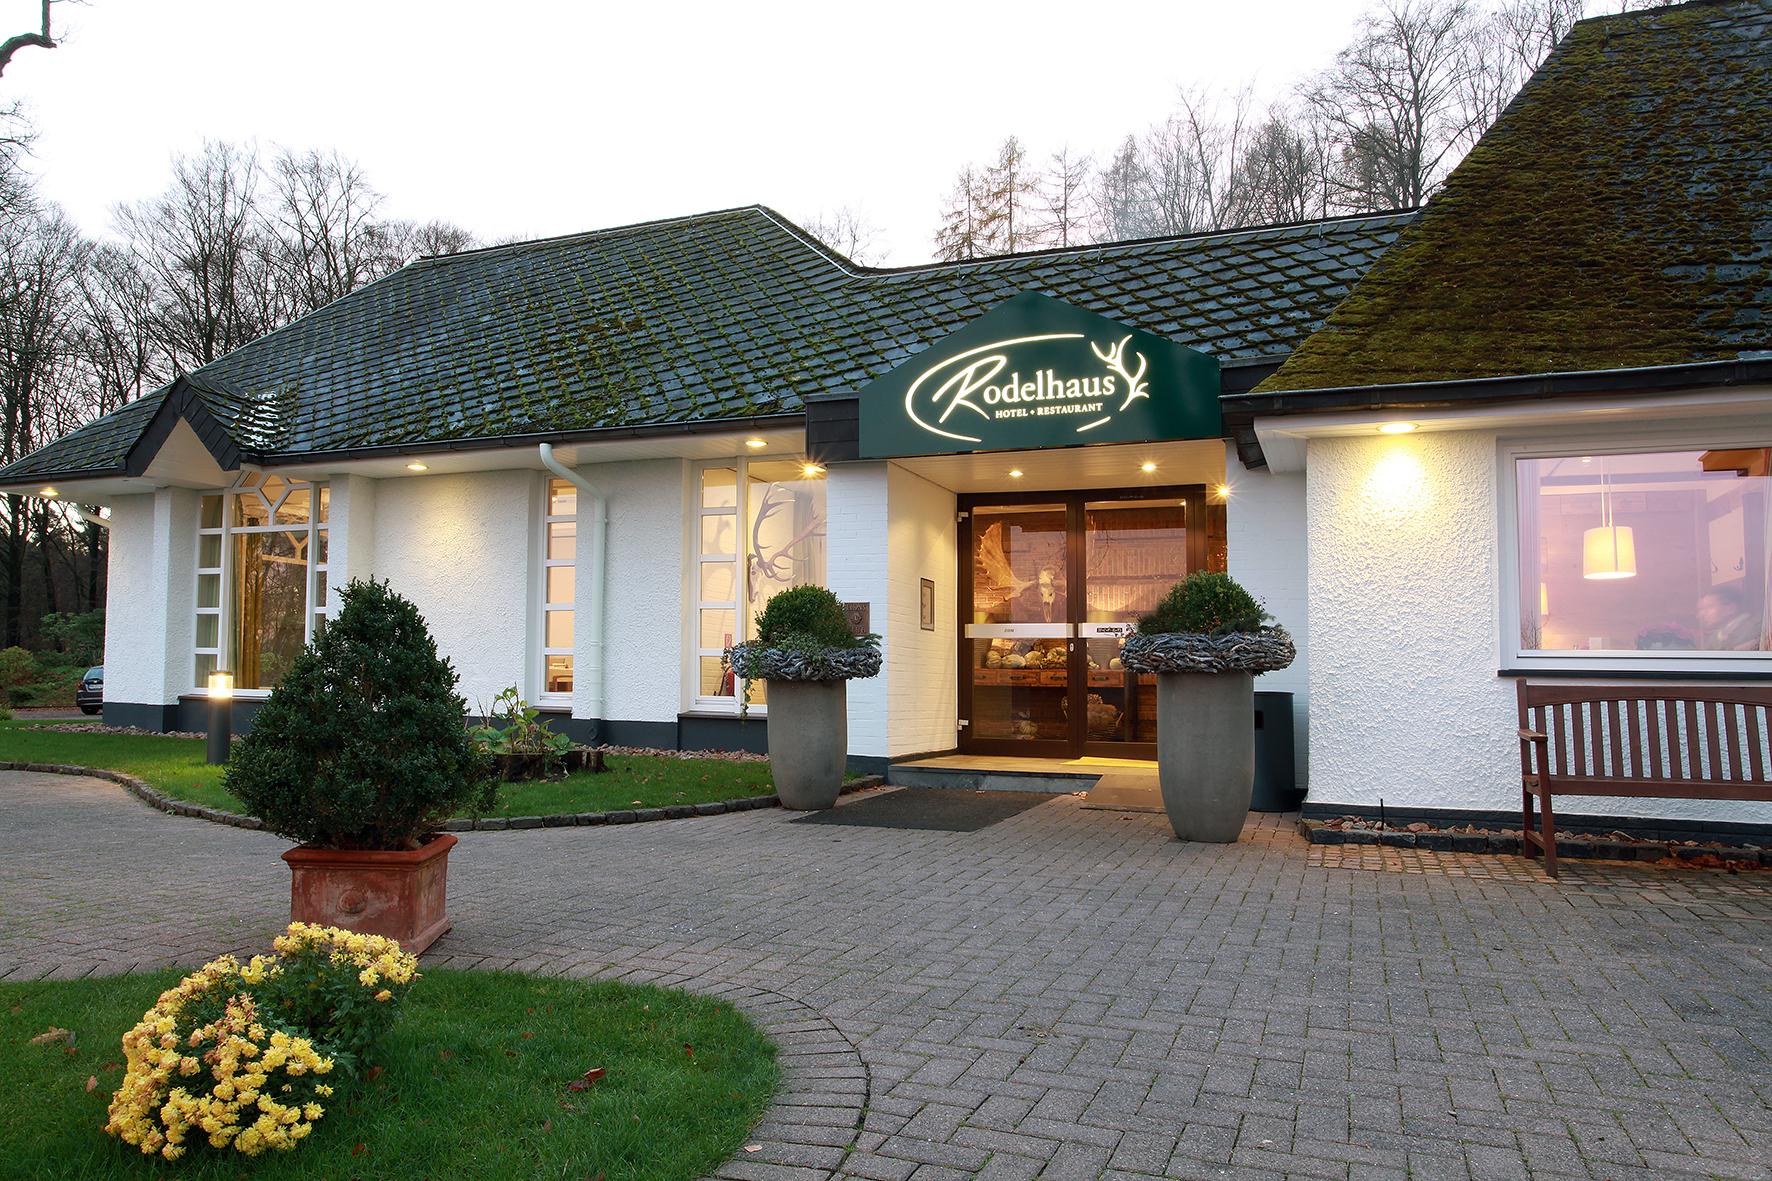 Hotel-Restaurant erwacht zu neuem Leben